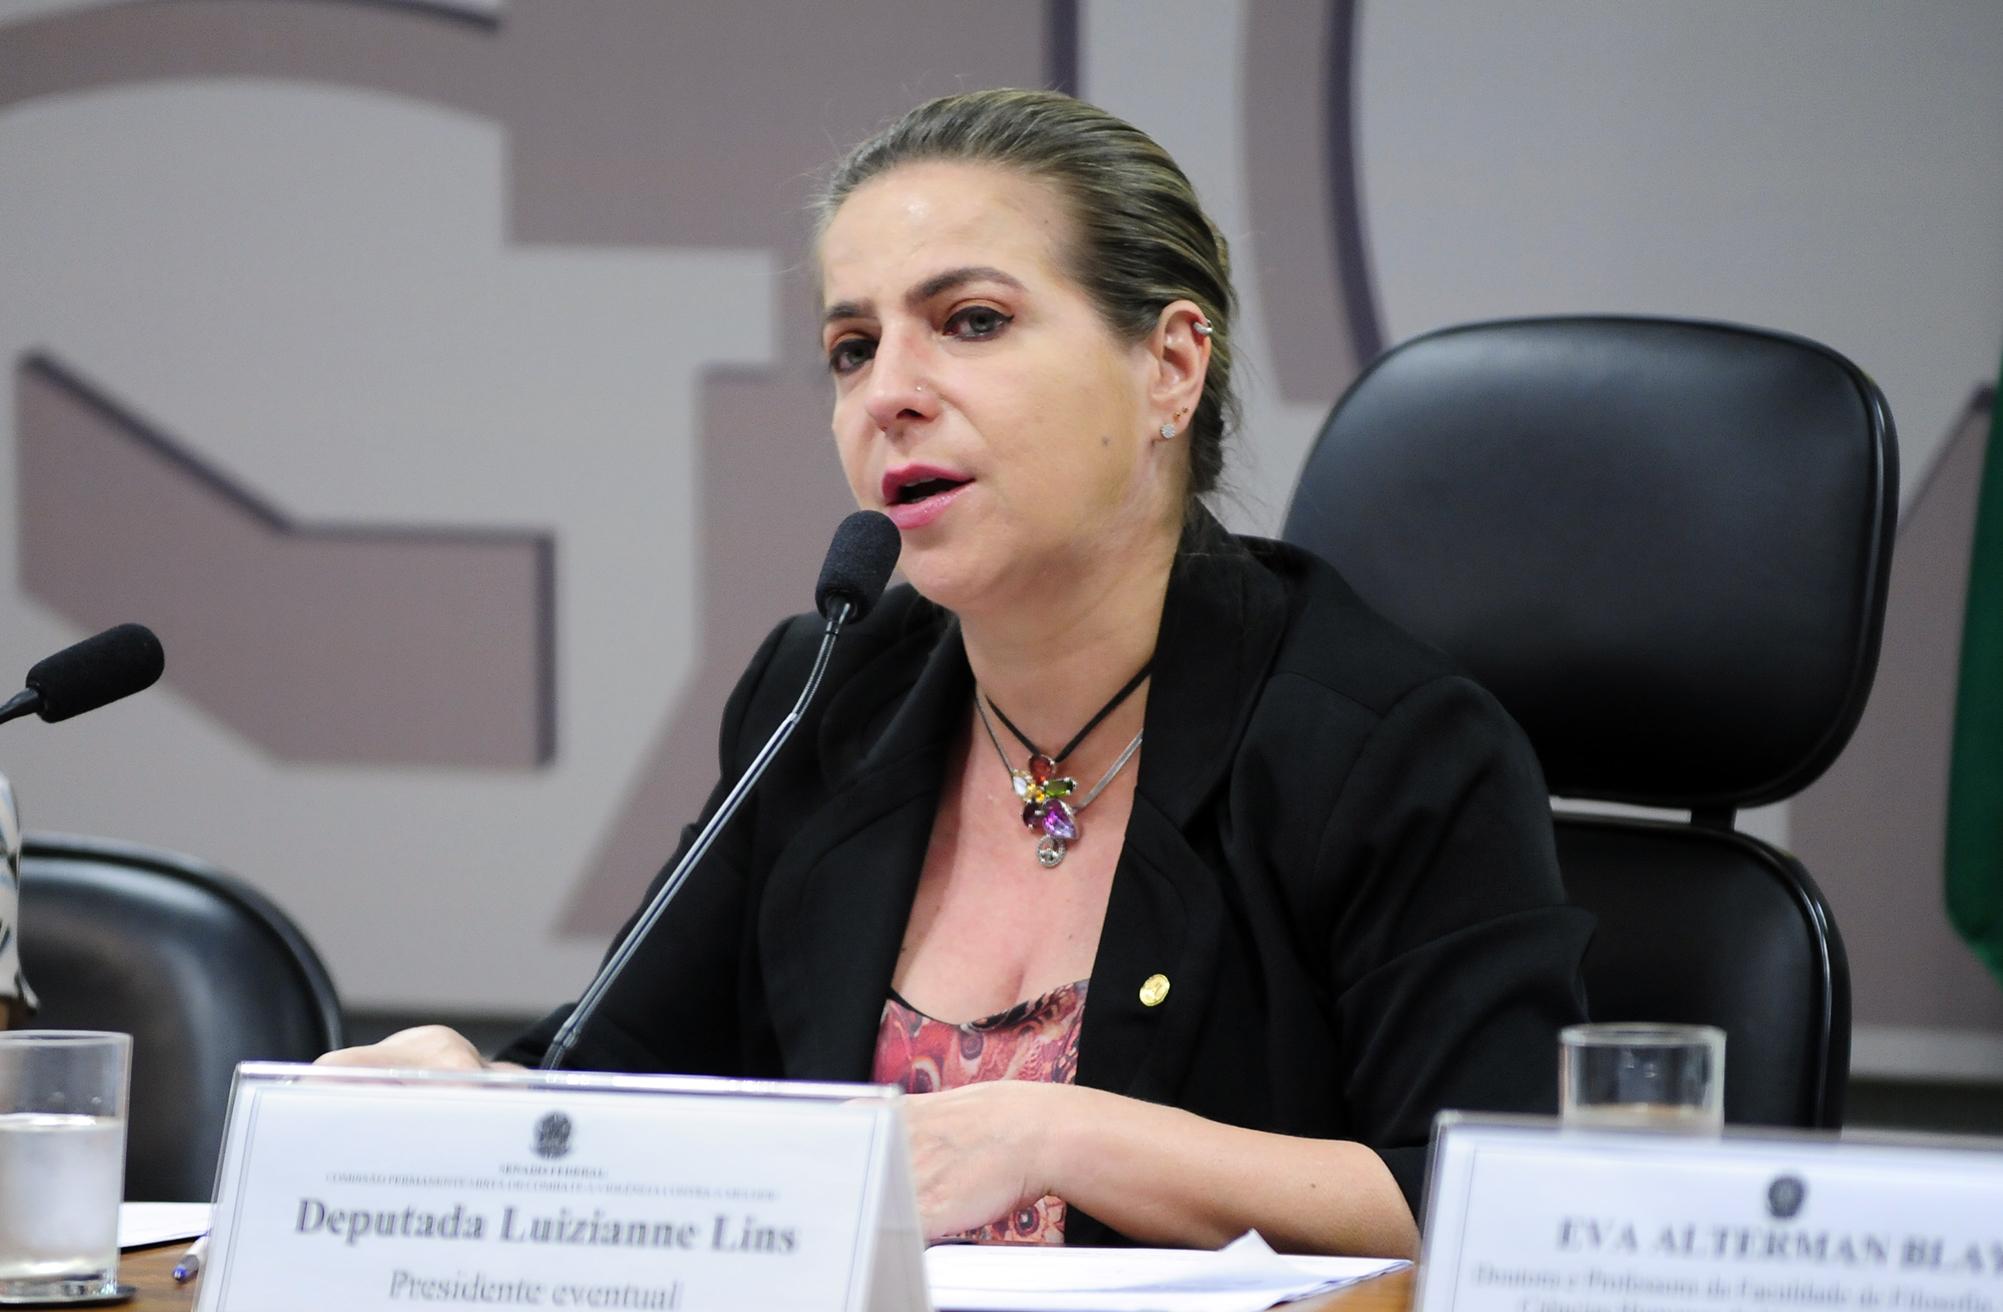 Audiência pública (2ª parte) sobre a situação da violência sexual contra as mulheres nas Universidades brasileiras. Dep. Luizianne Lins (PT-CE)